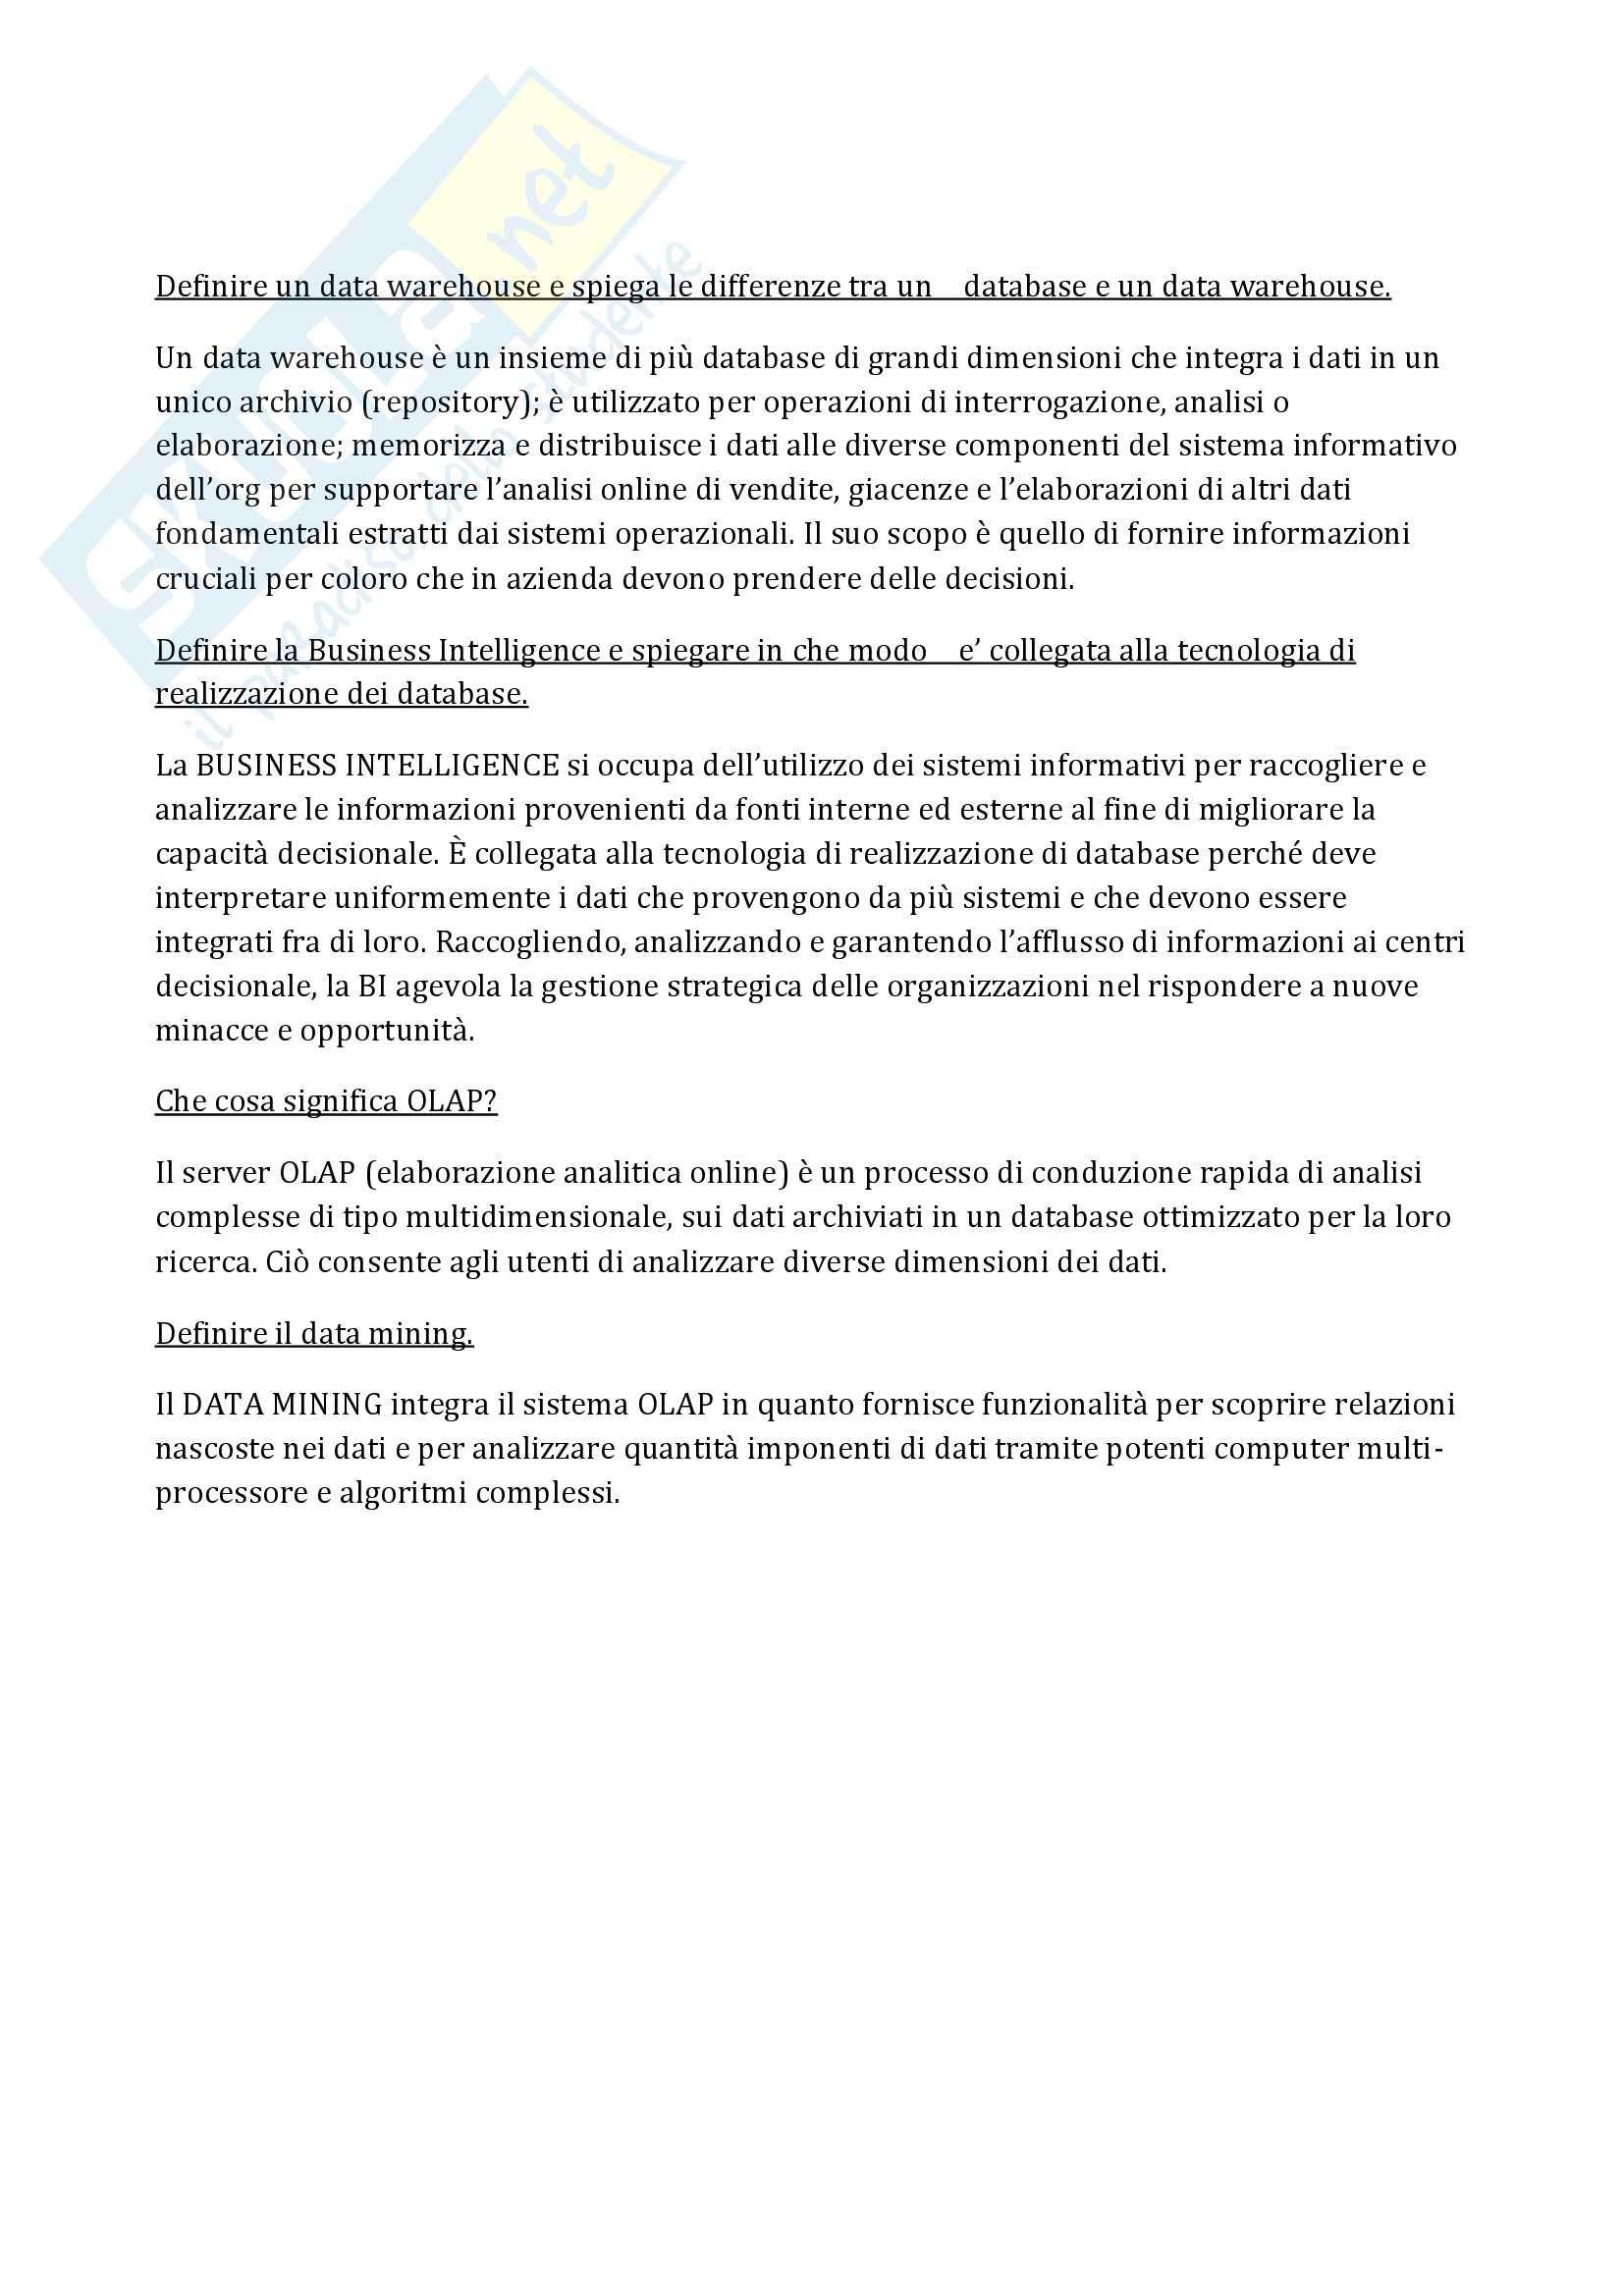 Domande e Risposte Informatica generale, Longo (libro consigliato ICT e sistemi informativi) Pag. 11